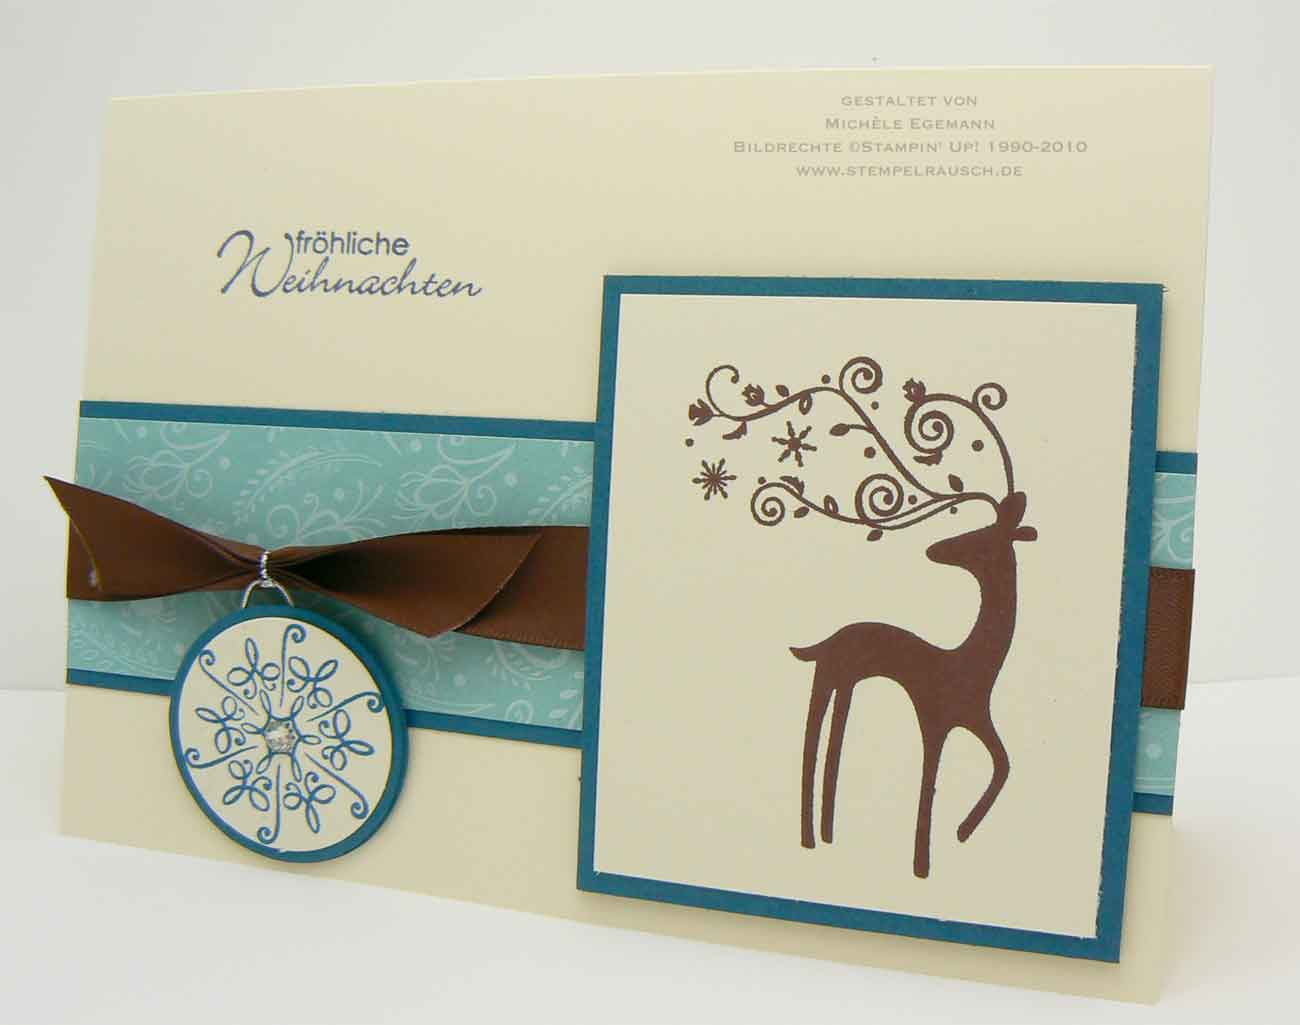 Schön Edle Weihnachtskarten Basteln Foto Von Der Spruch Fröhliche Weihnachten Ist Aus Dem